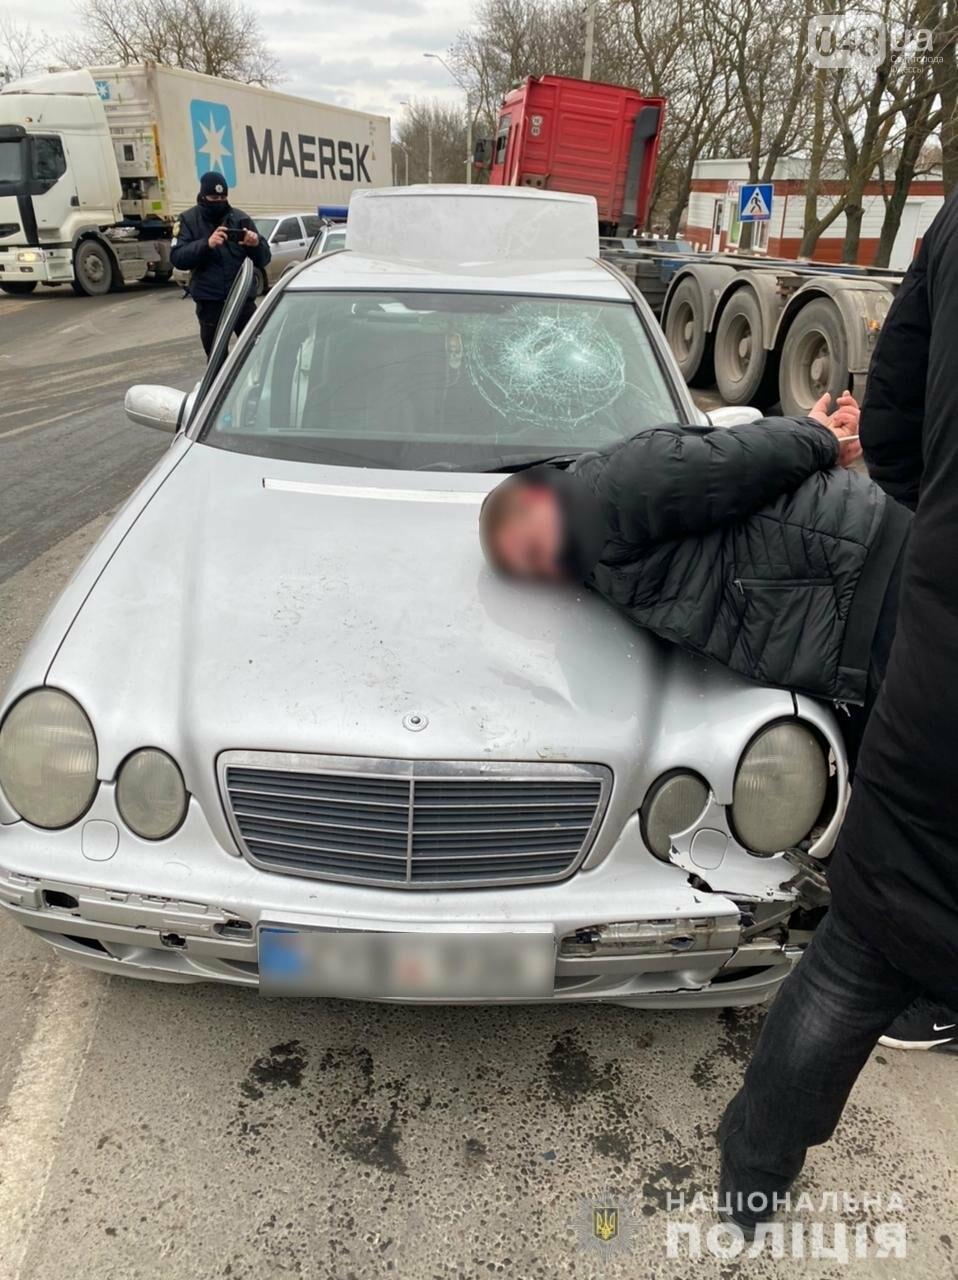 Оружие, наркотики и погоня: в Одессе задержали иностранного рецидивиста, - ФОТО, ВИДЕО, фото-1